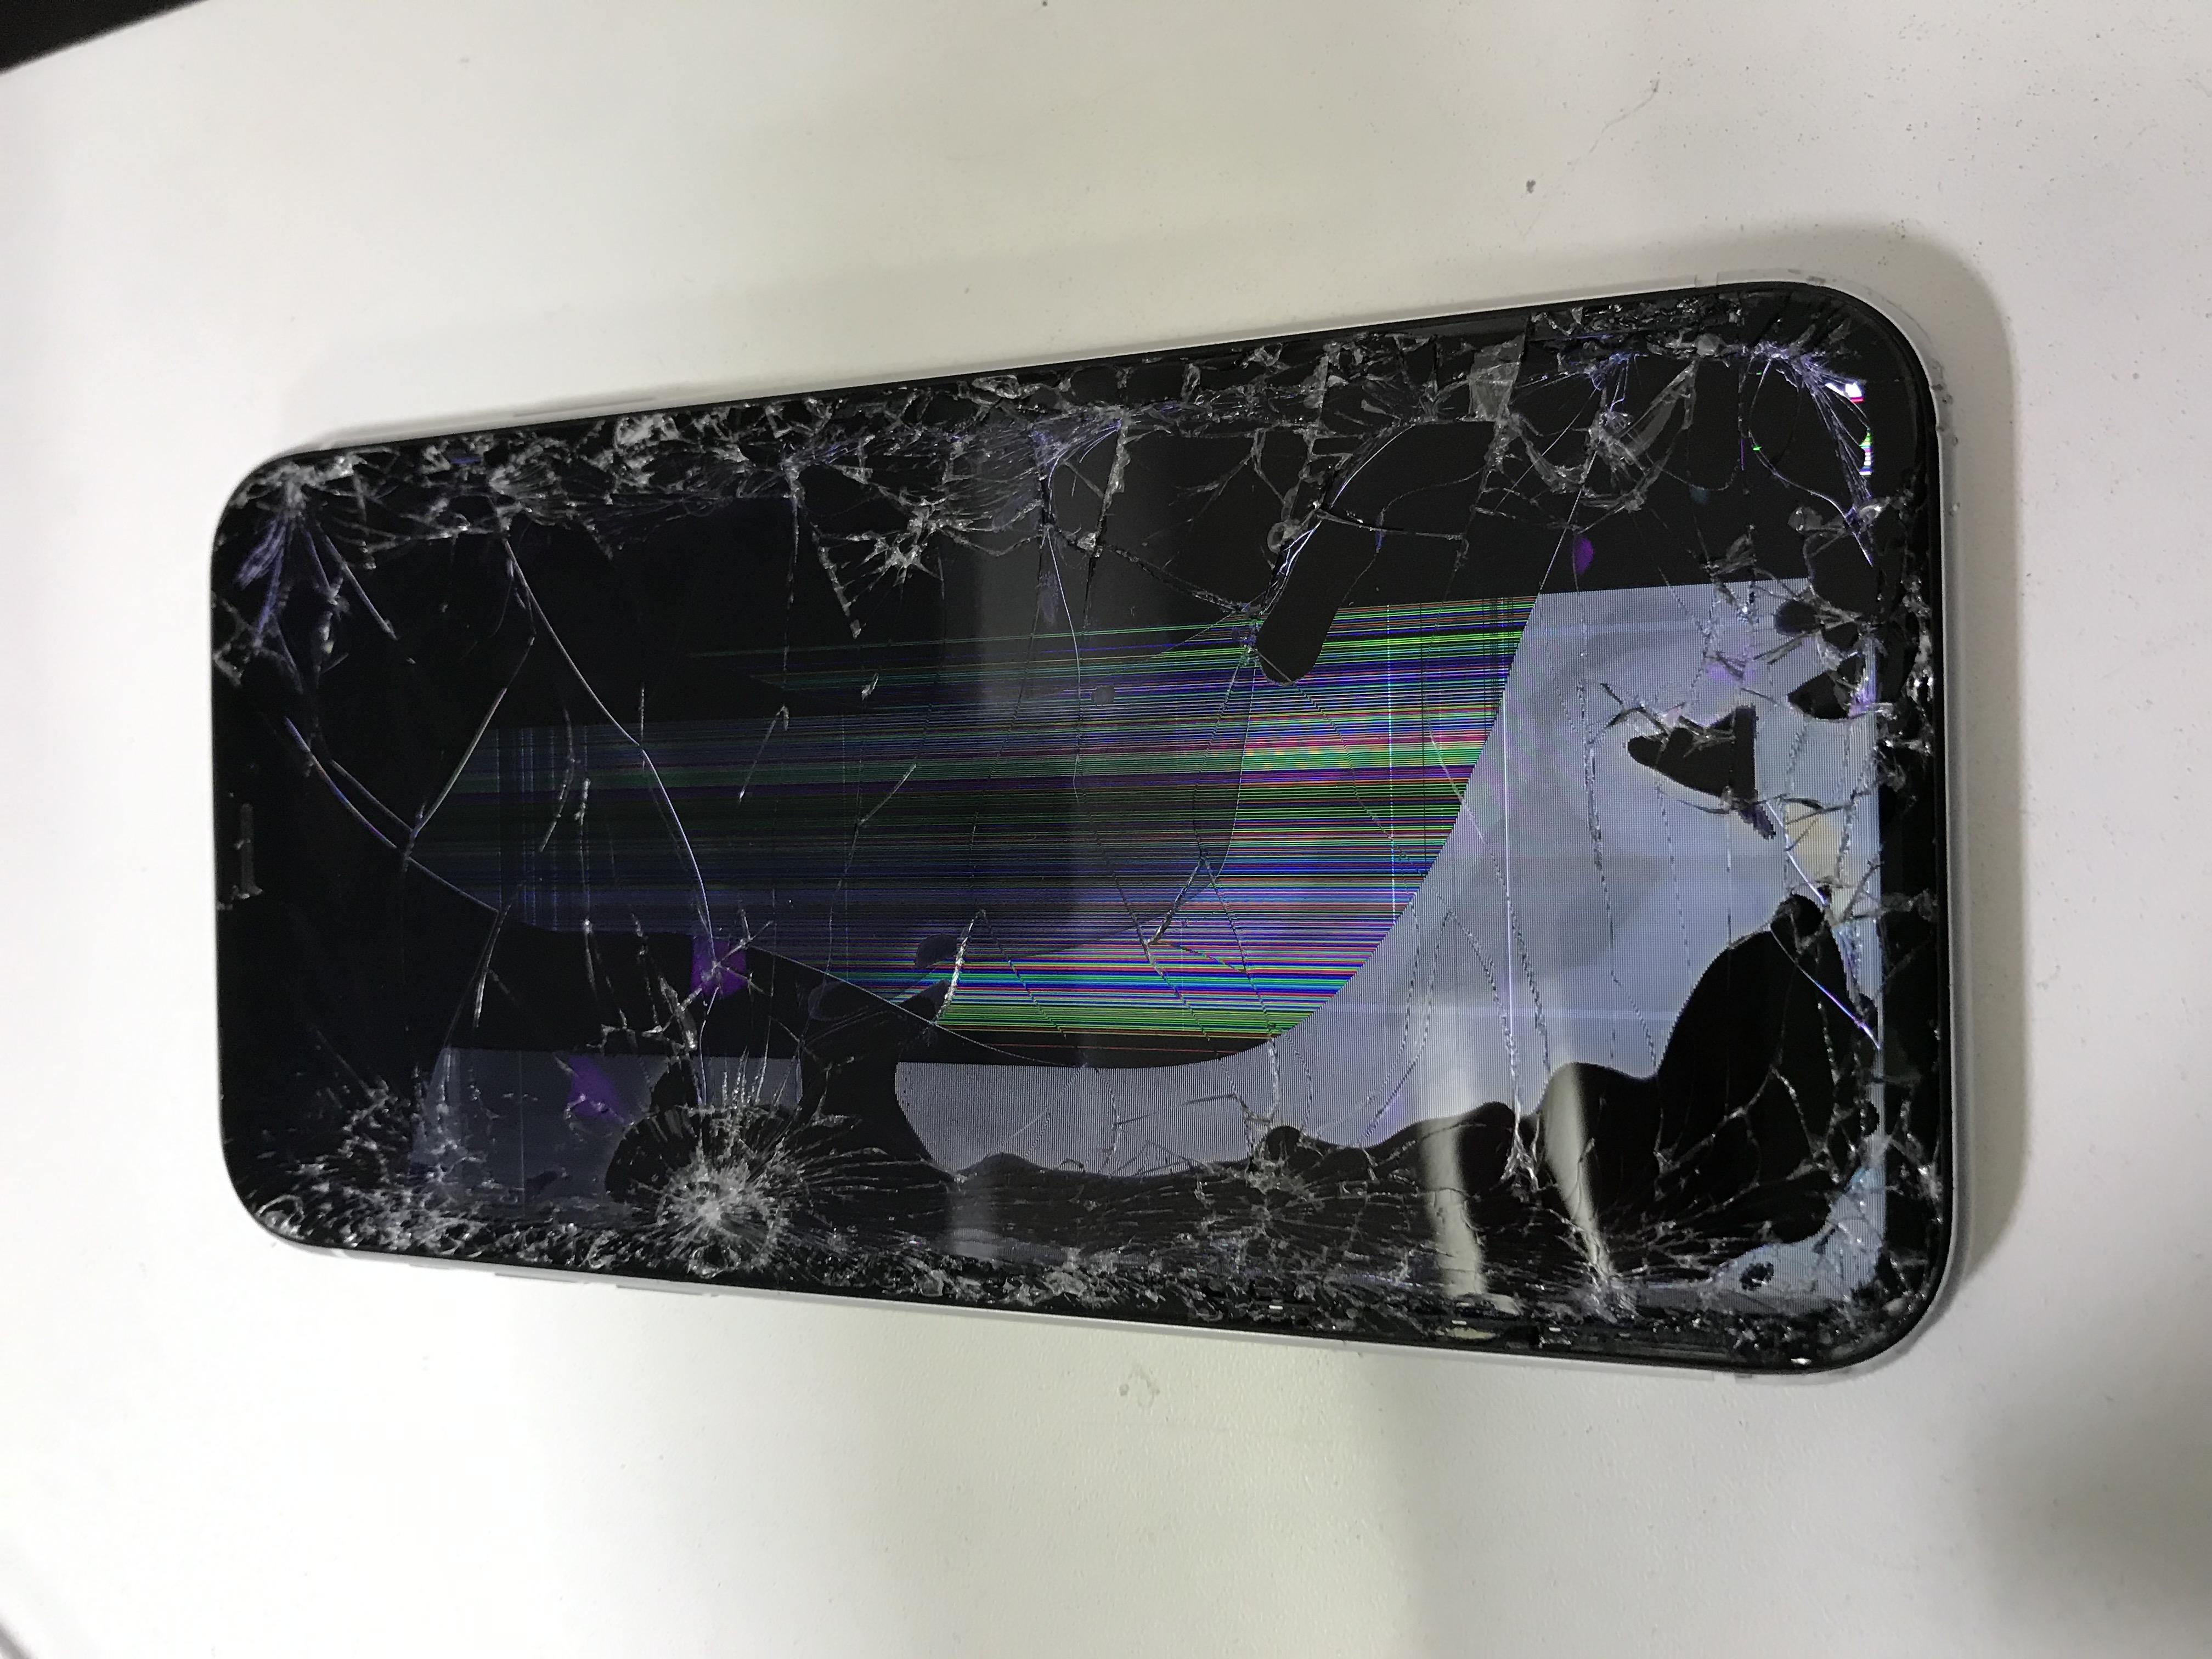 修理前:画面が割れている、映らない!そんなiPhoneXRも修理対応しています!